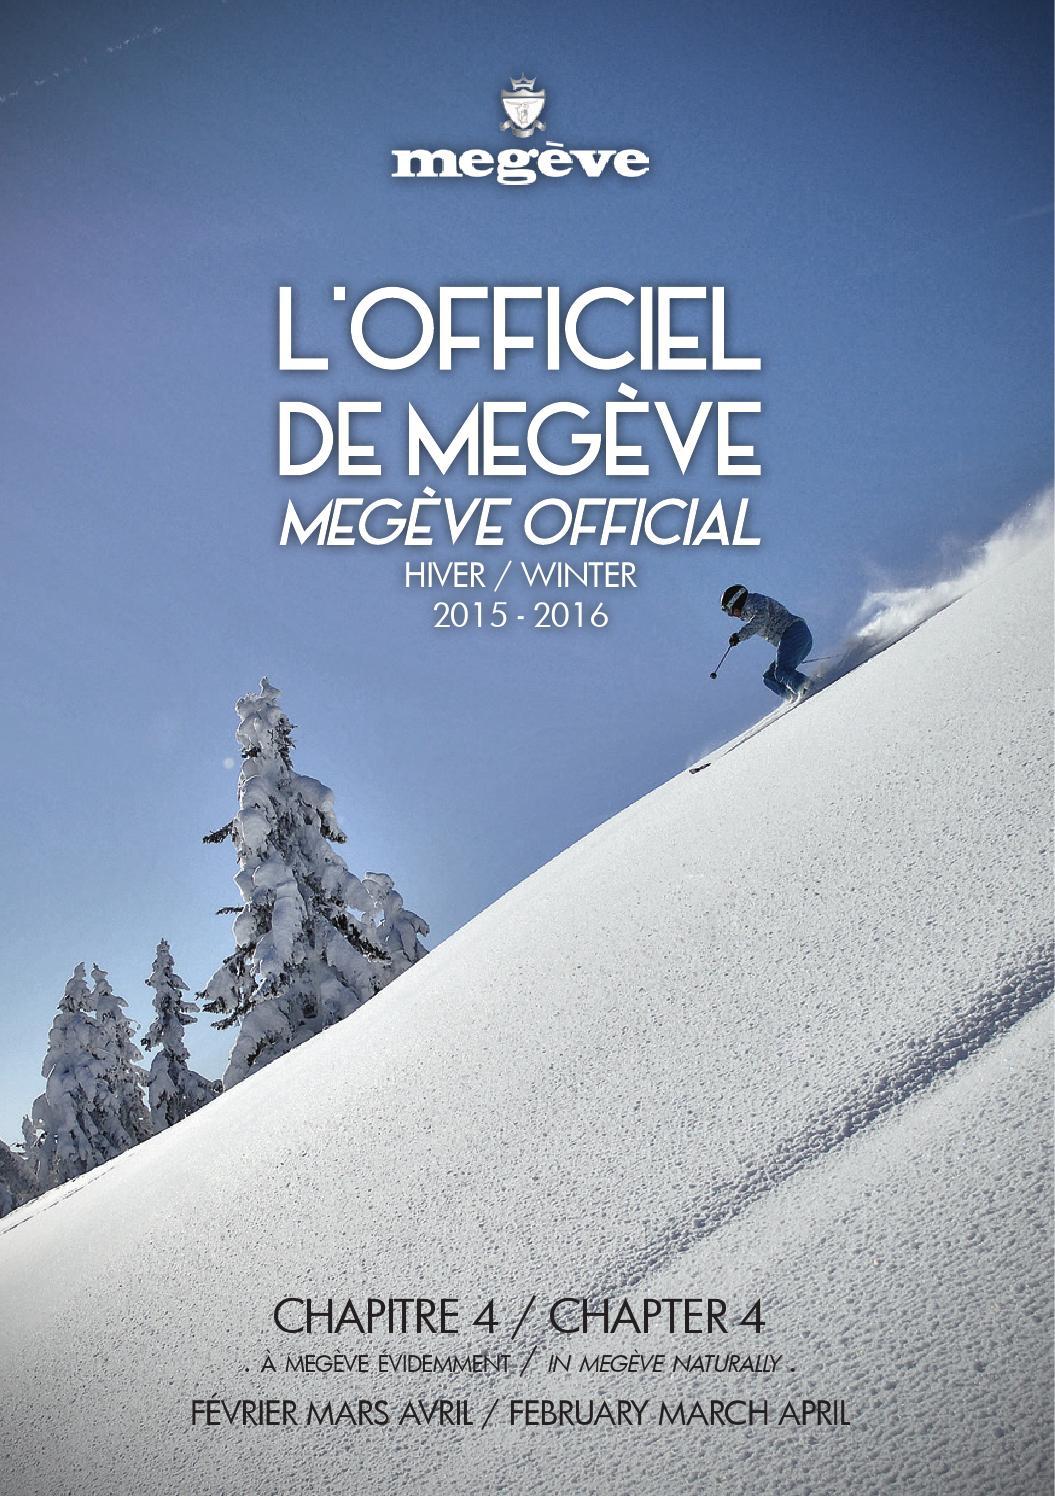 362890c2e6b161 L Officiel de Megève Fév à Avr by Megève (officiel) - issuu